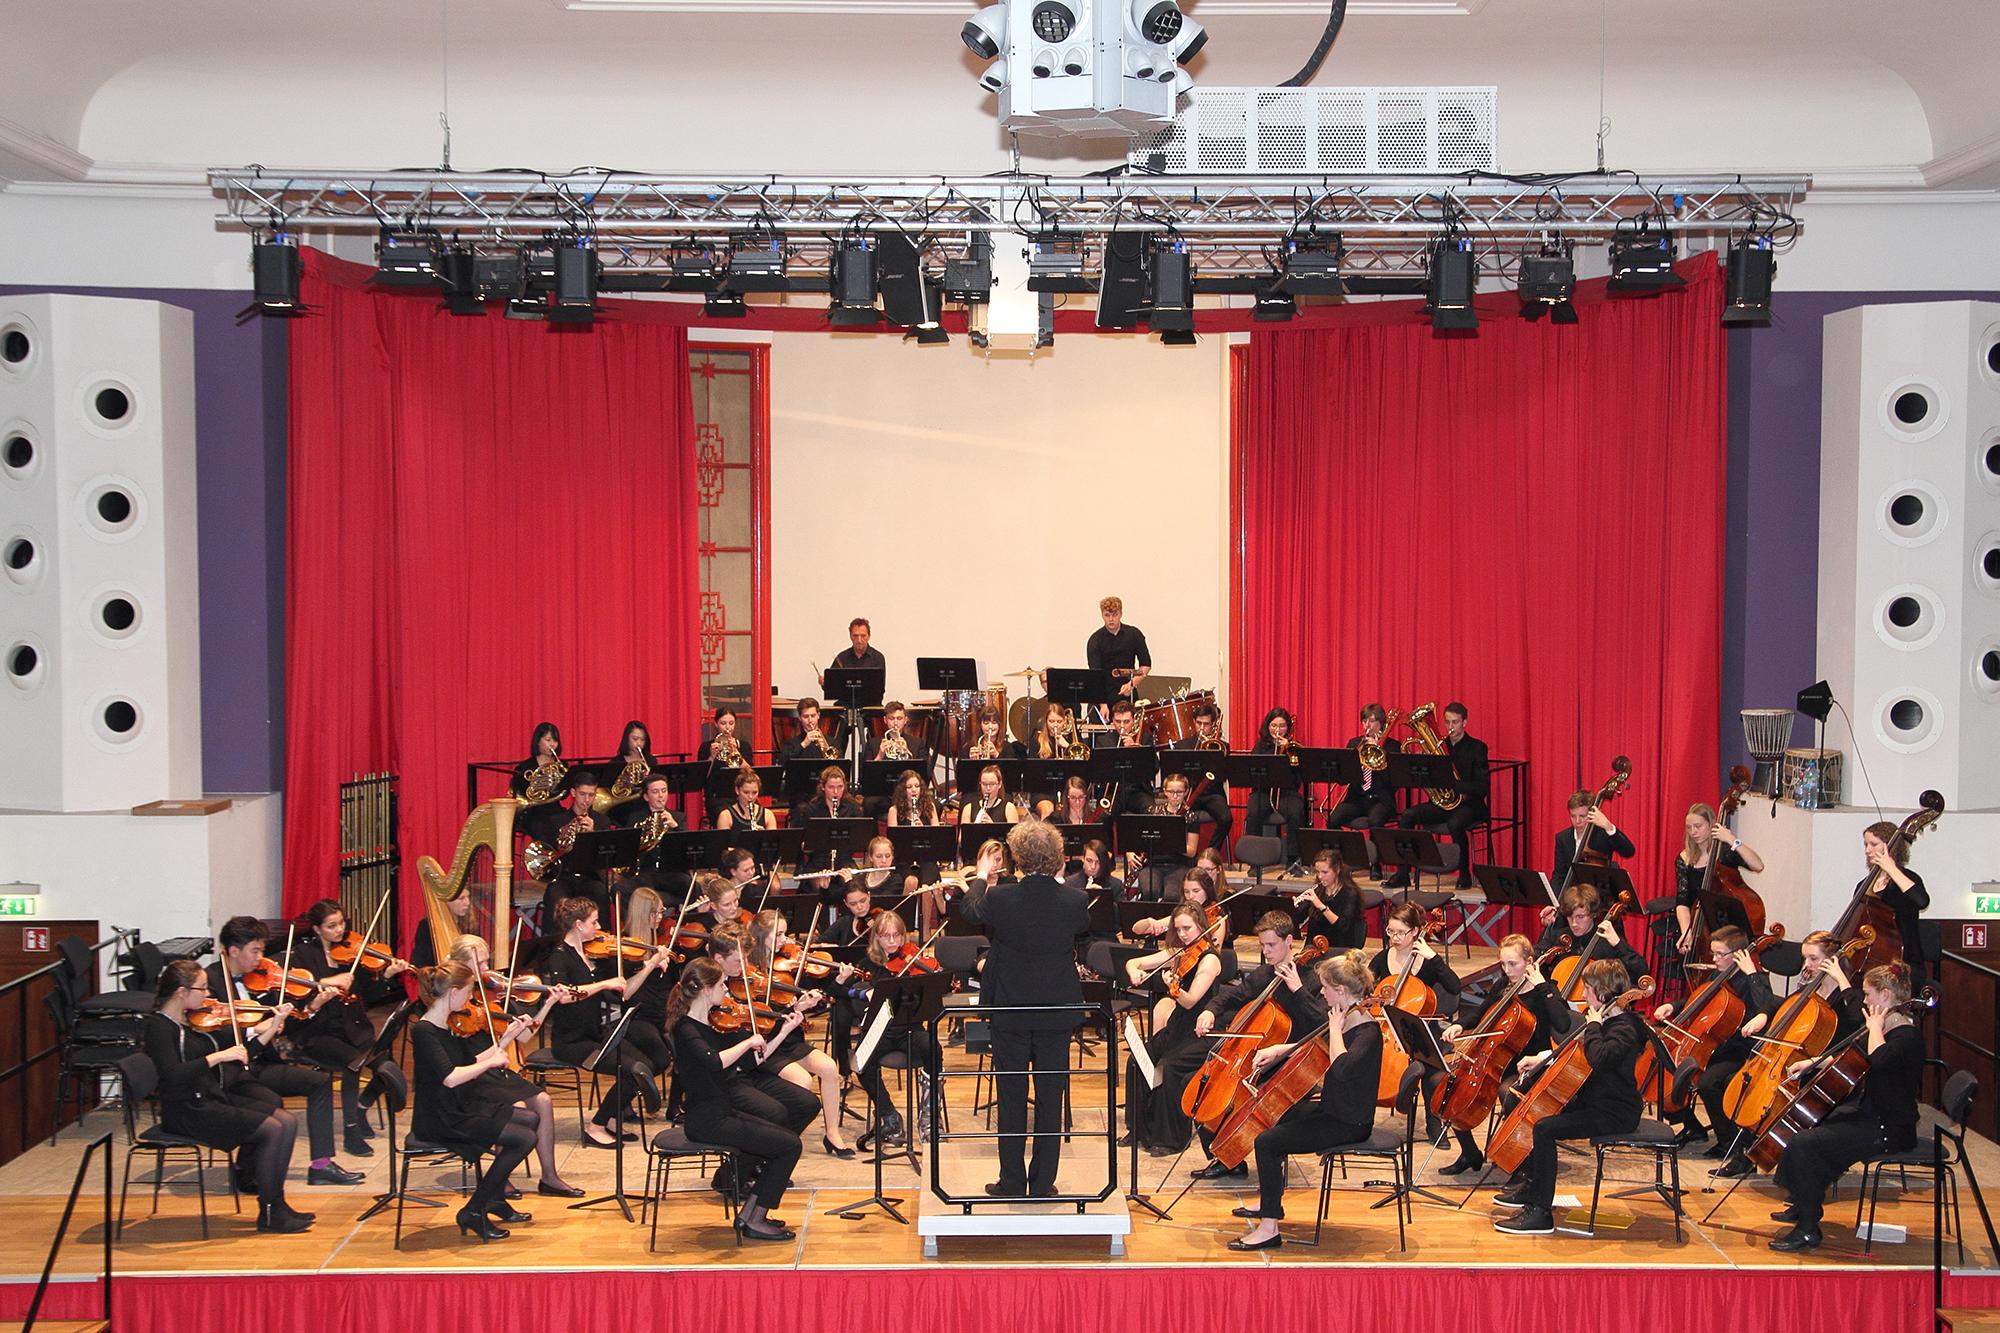 Konzertiert am 23. Juli: Das Heidelberger Jugendsinfonieorchester unter der Leitung von Thomas Kalb. Foto: Musik- und Singschule Heidelberg